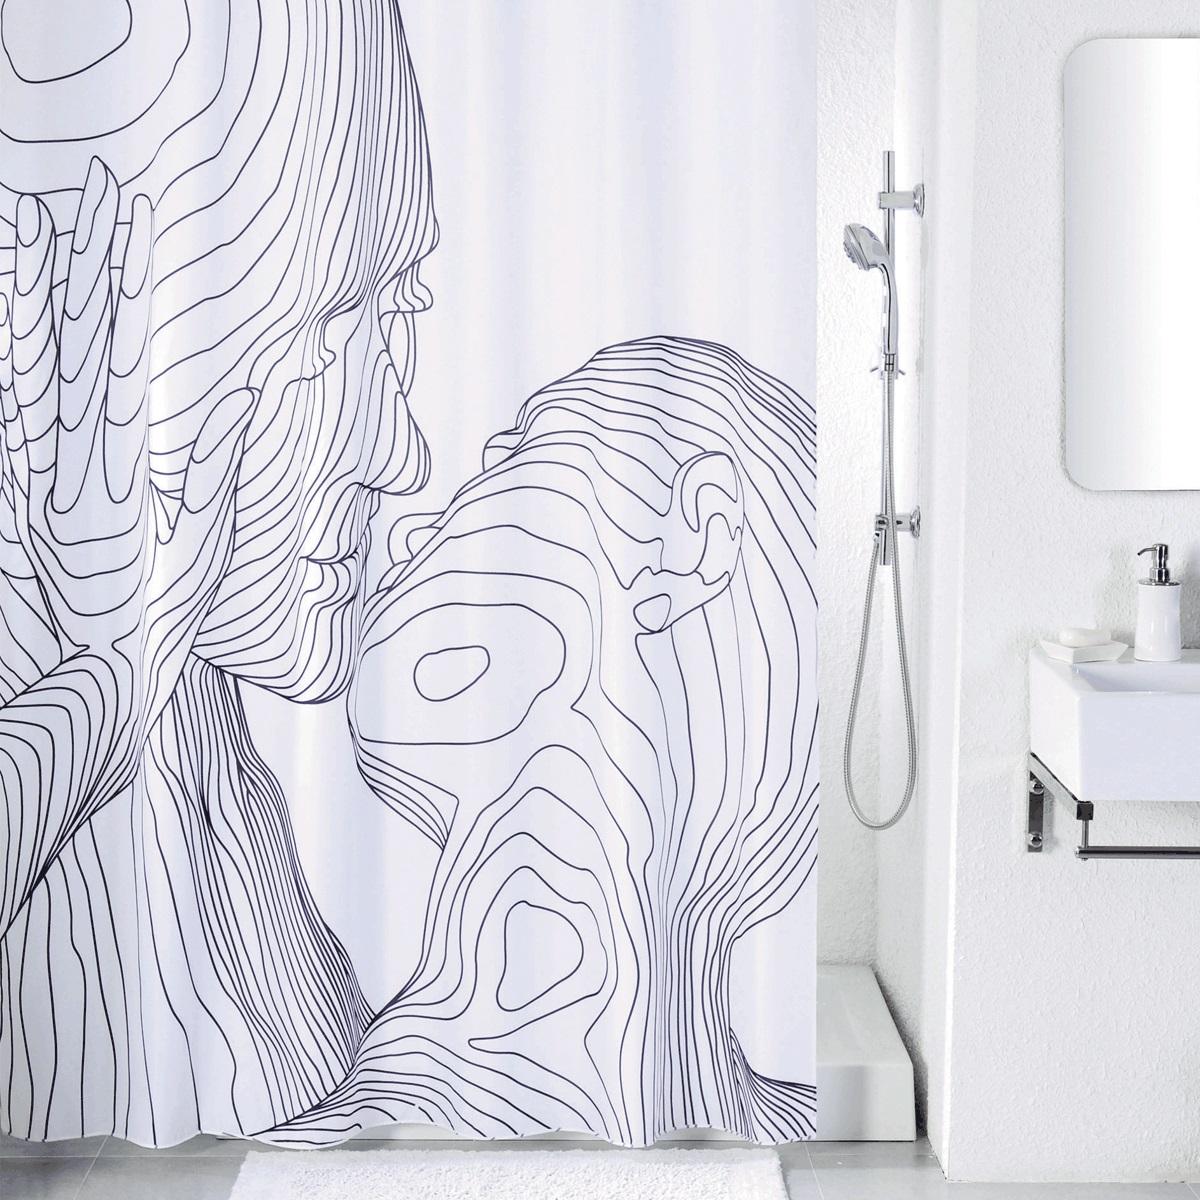 Штора для ванной Iddis Black&White, цвет: белый, черный, 180 x 200 смSCID150PШтора для ванной комнаты Iddis выполнена из быстросохнущего материала - 100% полиэстера, что обеспечивает прочность изделия и легкость ухода за ним.Материал шторы пропитан специальным водоотталкивающим составом Waterprof.Изделие изготовлено из экологически-чистого материала, оно обладает высокой степенью гигиеничности, не вызывает аллергических реакций.Штора имеет 12 металлических люверсов. В комплекте: штора и кольца.